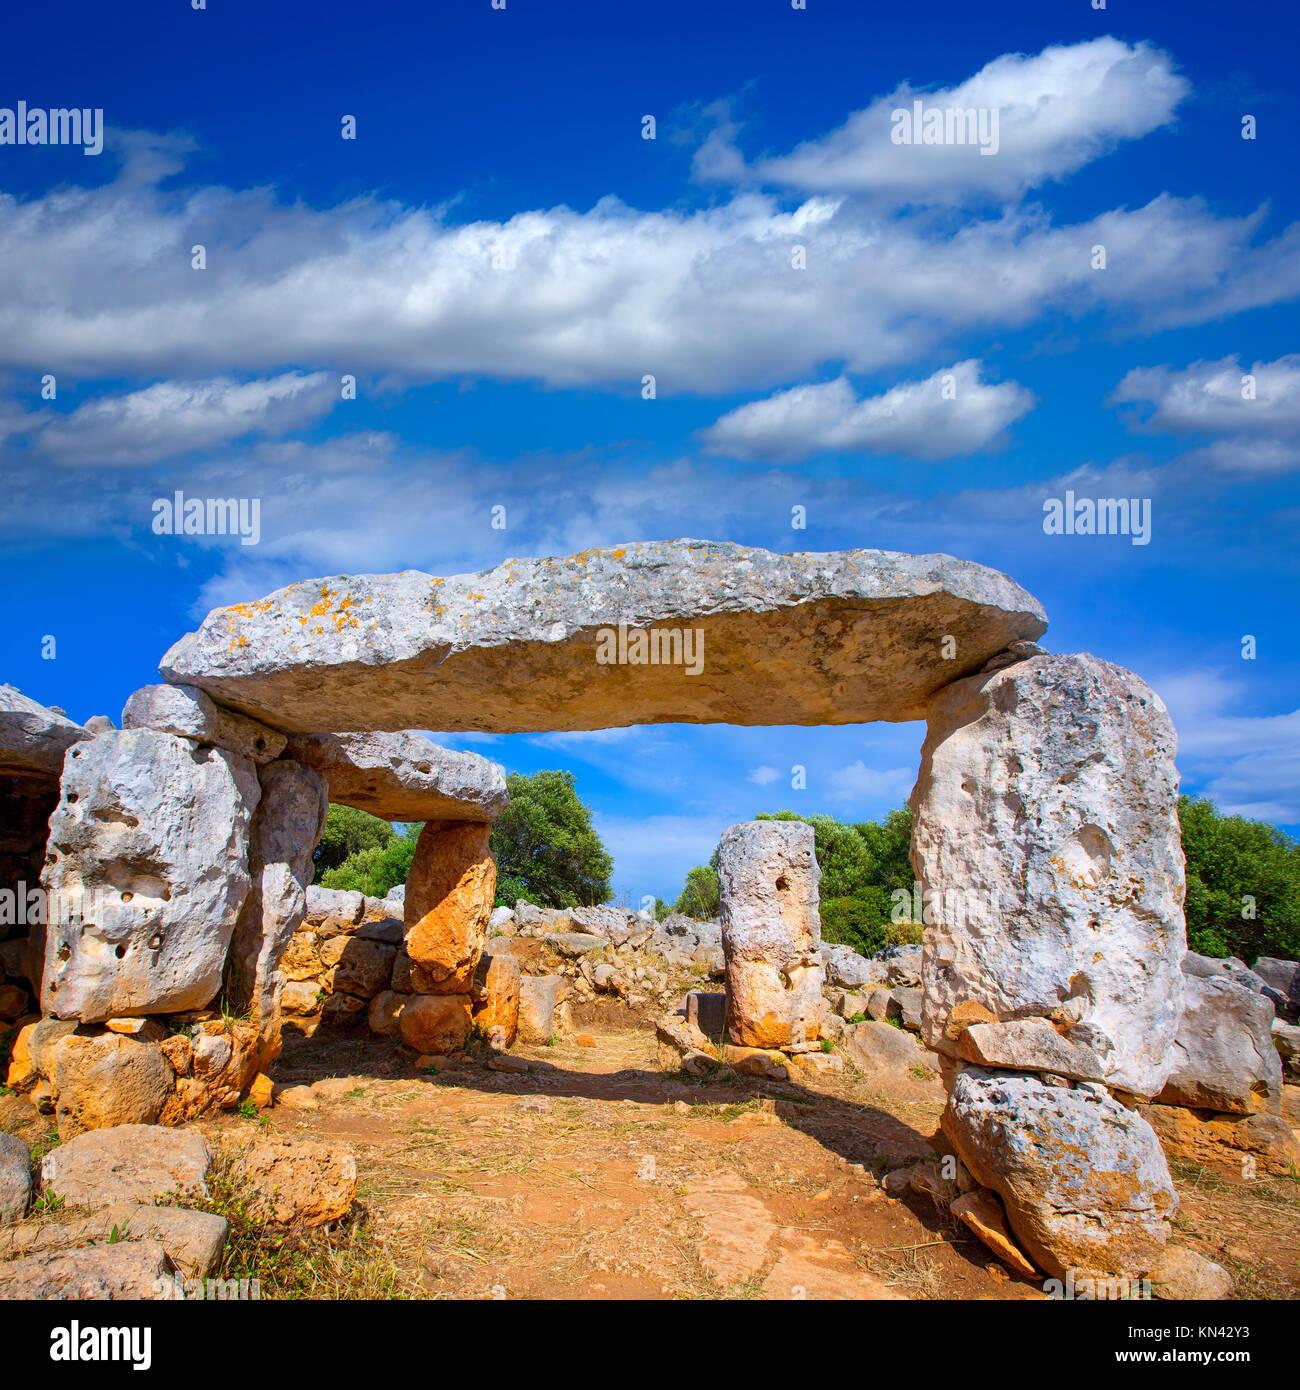 Taulas de Menorca Torre de en Gaumes Galmes en las islas Baleares de España. Imagen De Stock